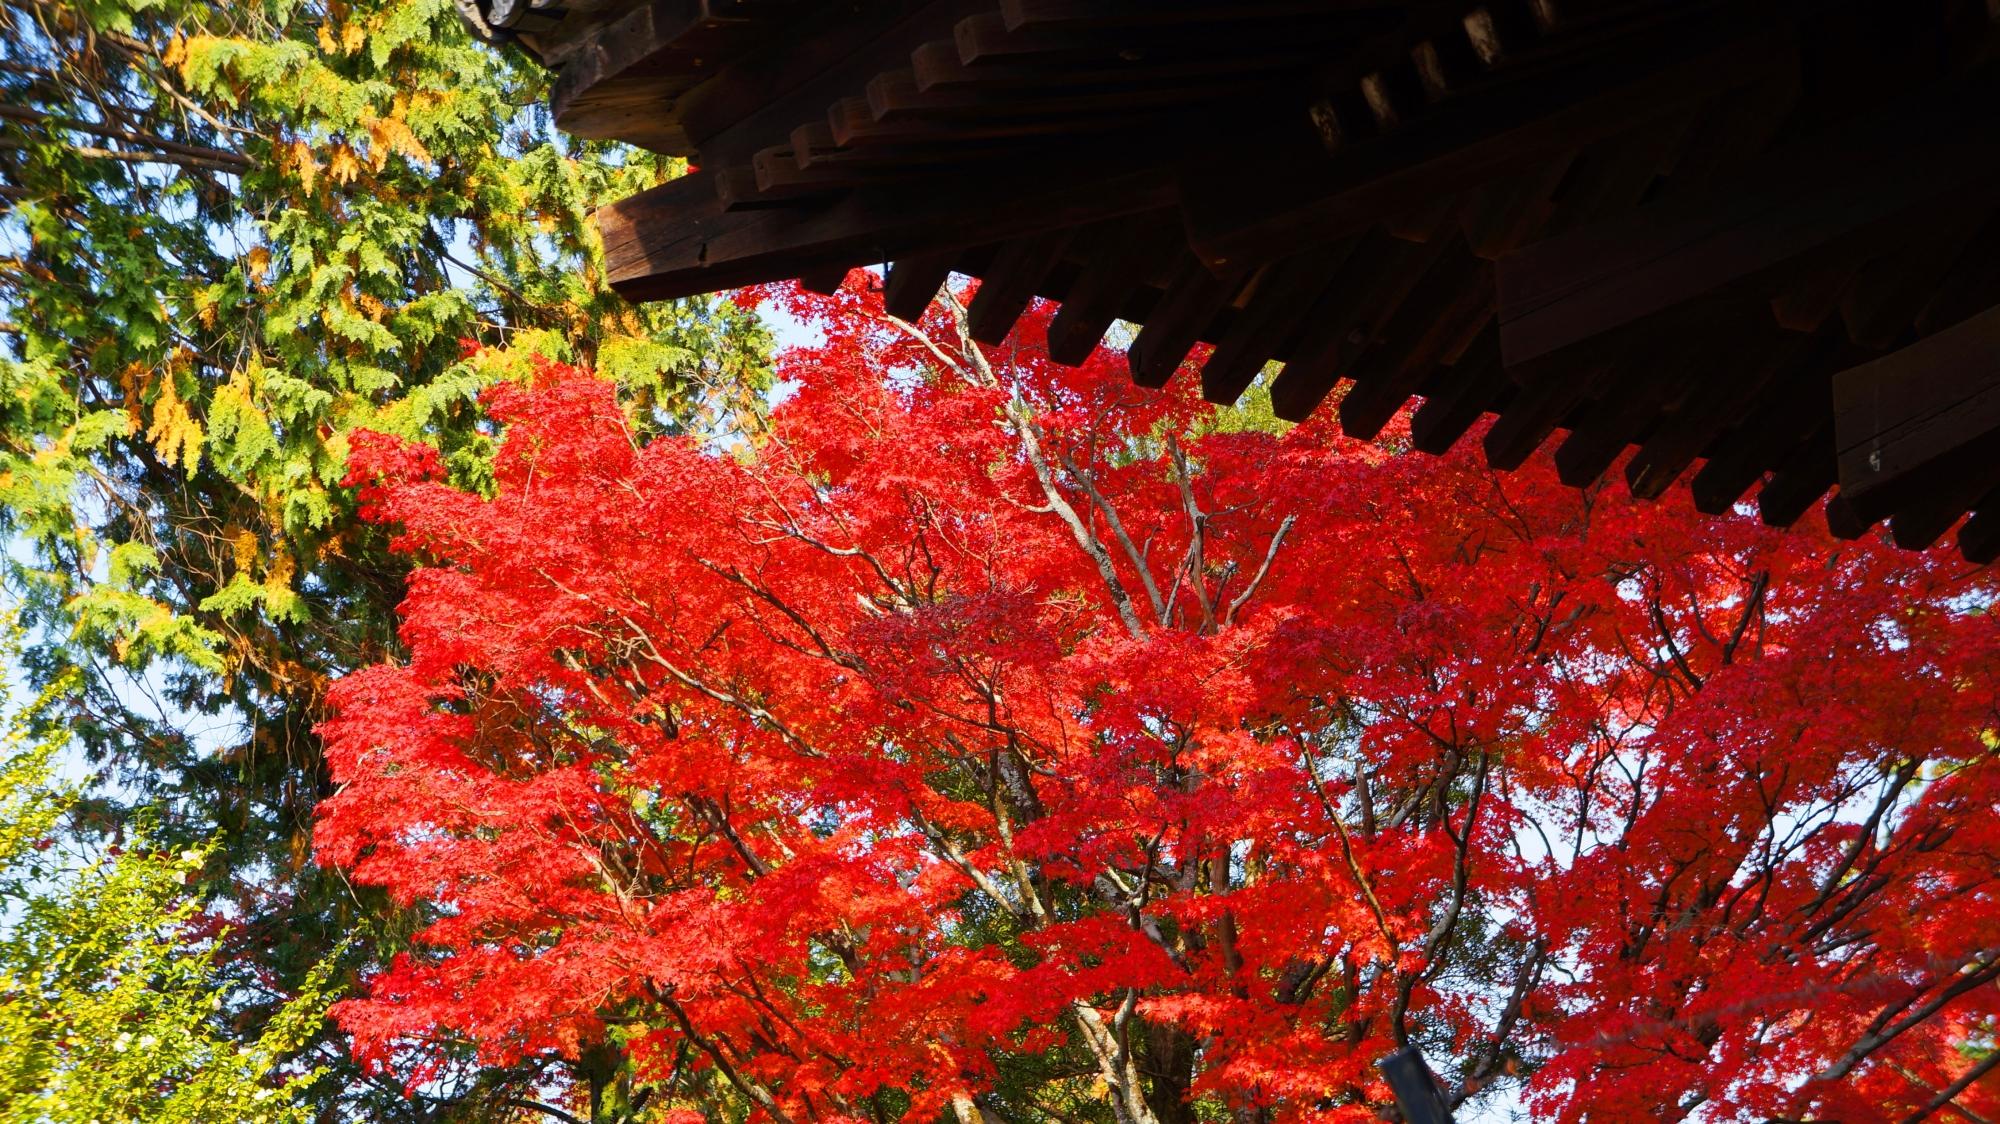 鮮烈な赤さの紅葉